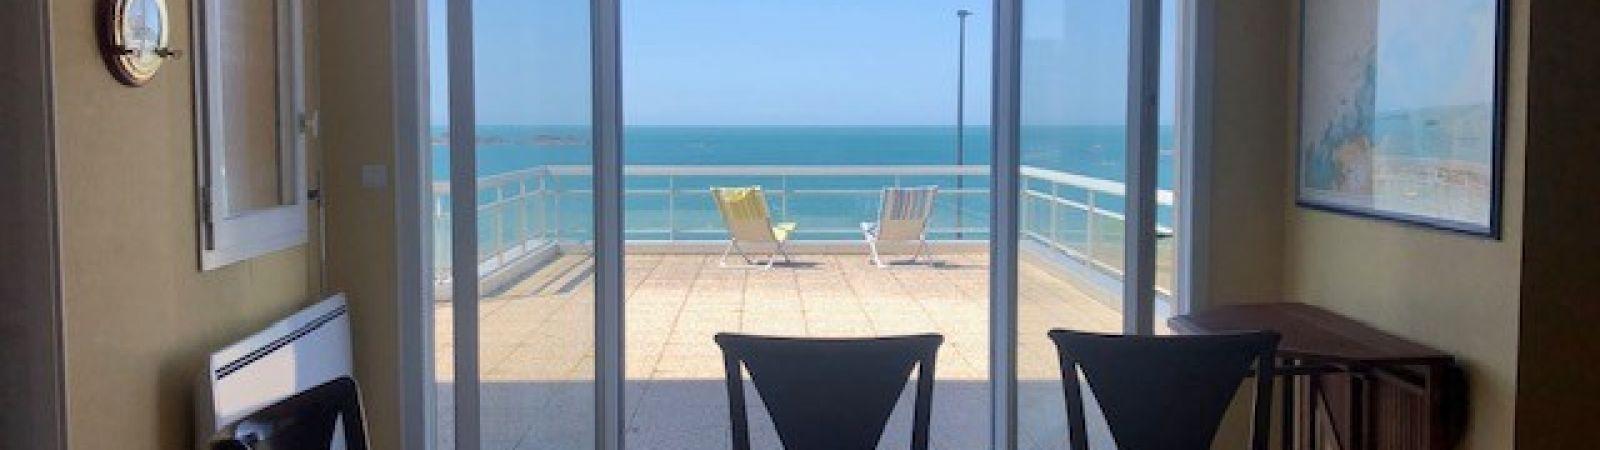 photo 4: Appartement offrant une splendide vue panoramique sur la mer